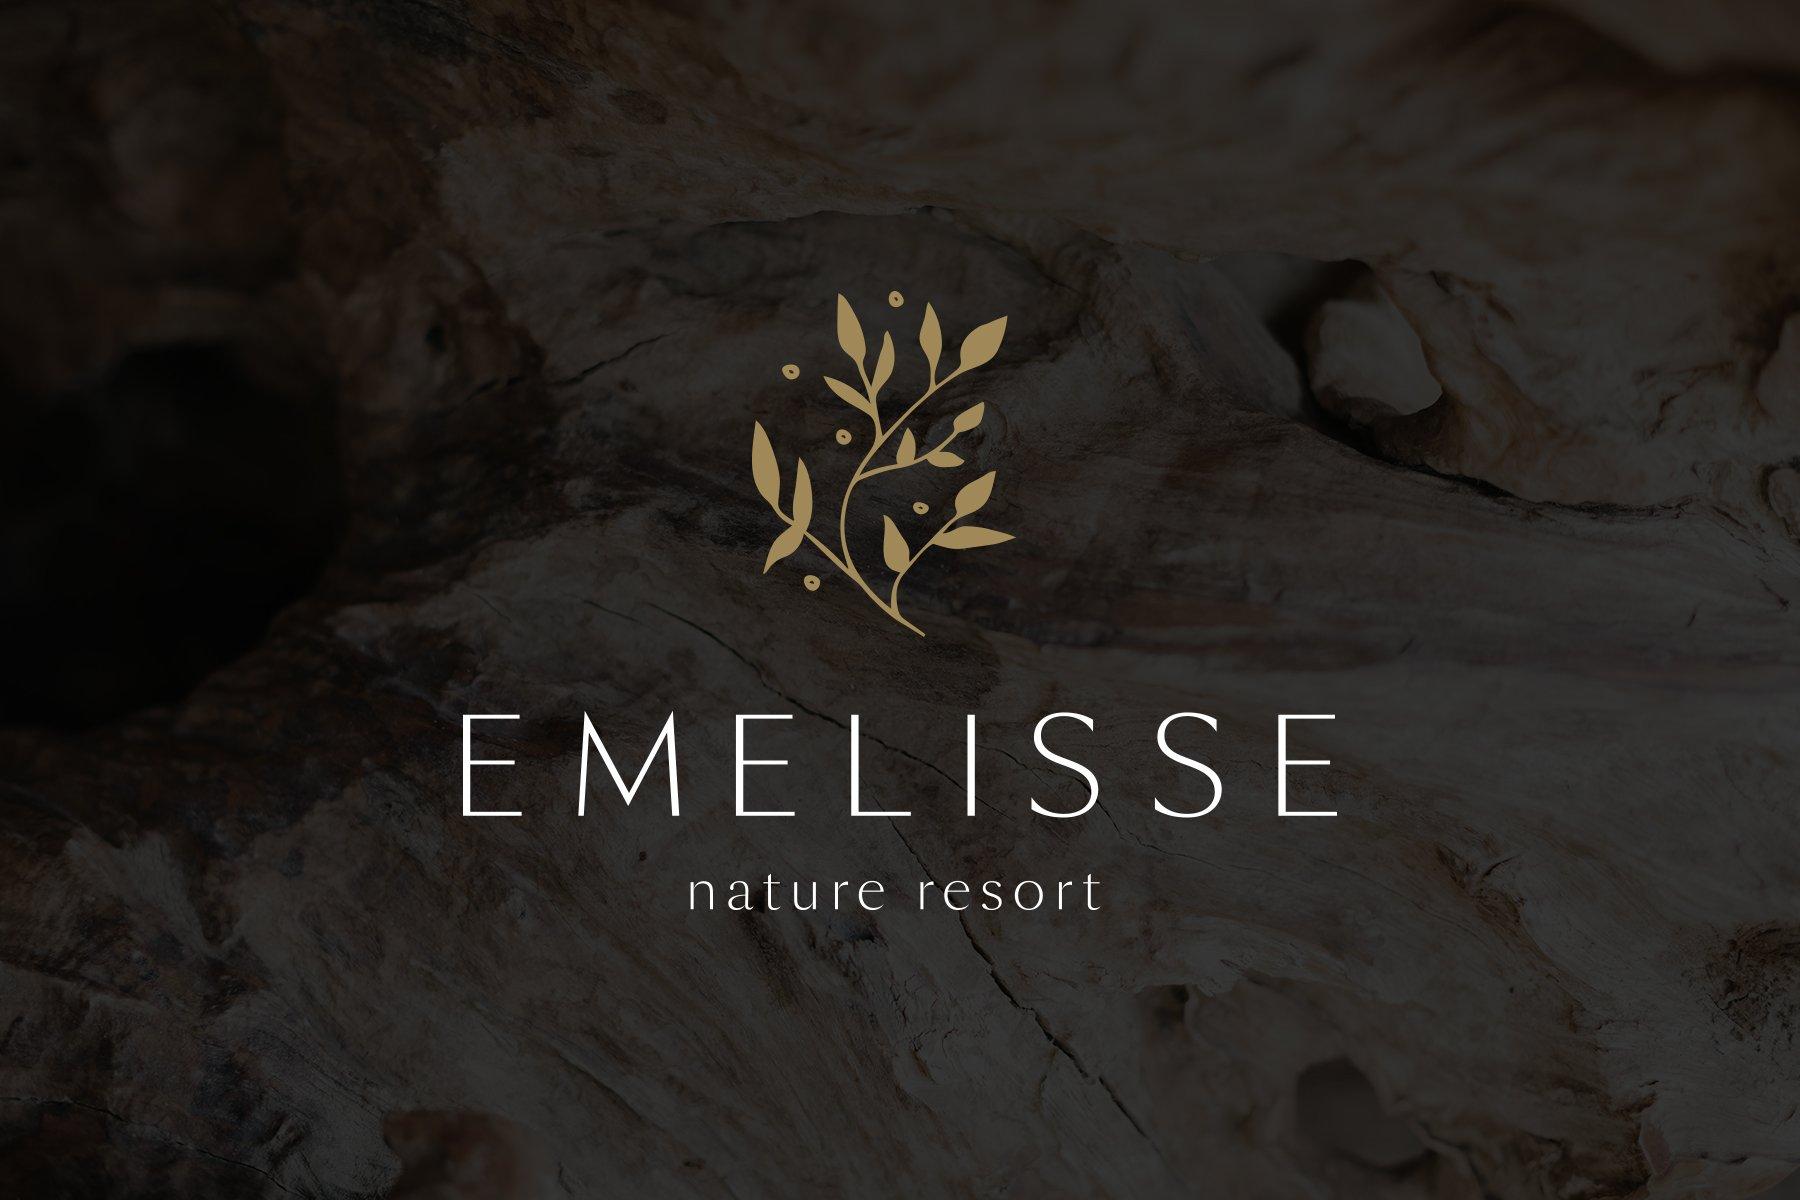 emelisse narture resort